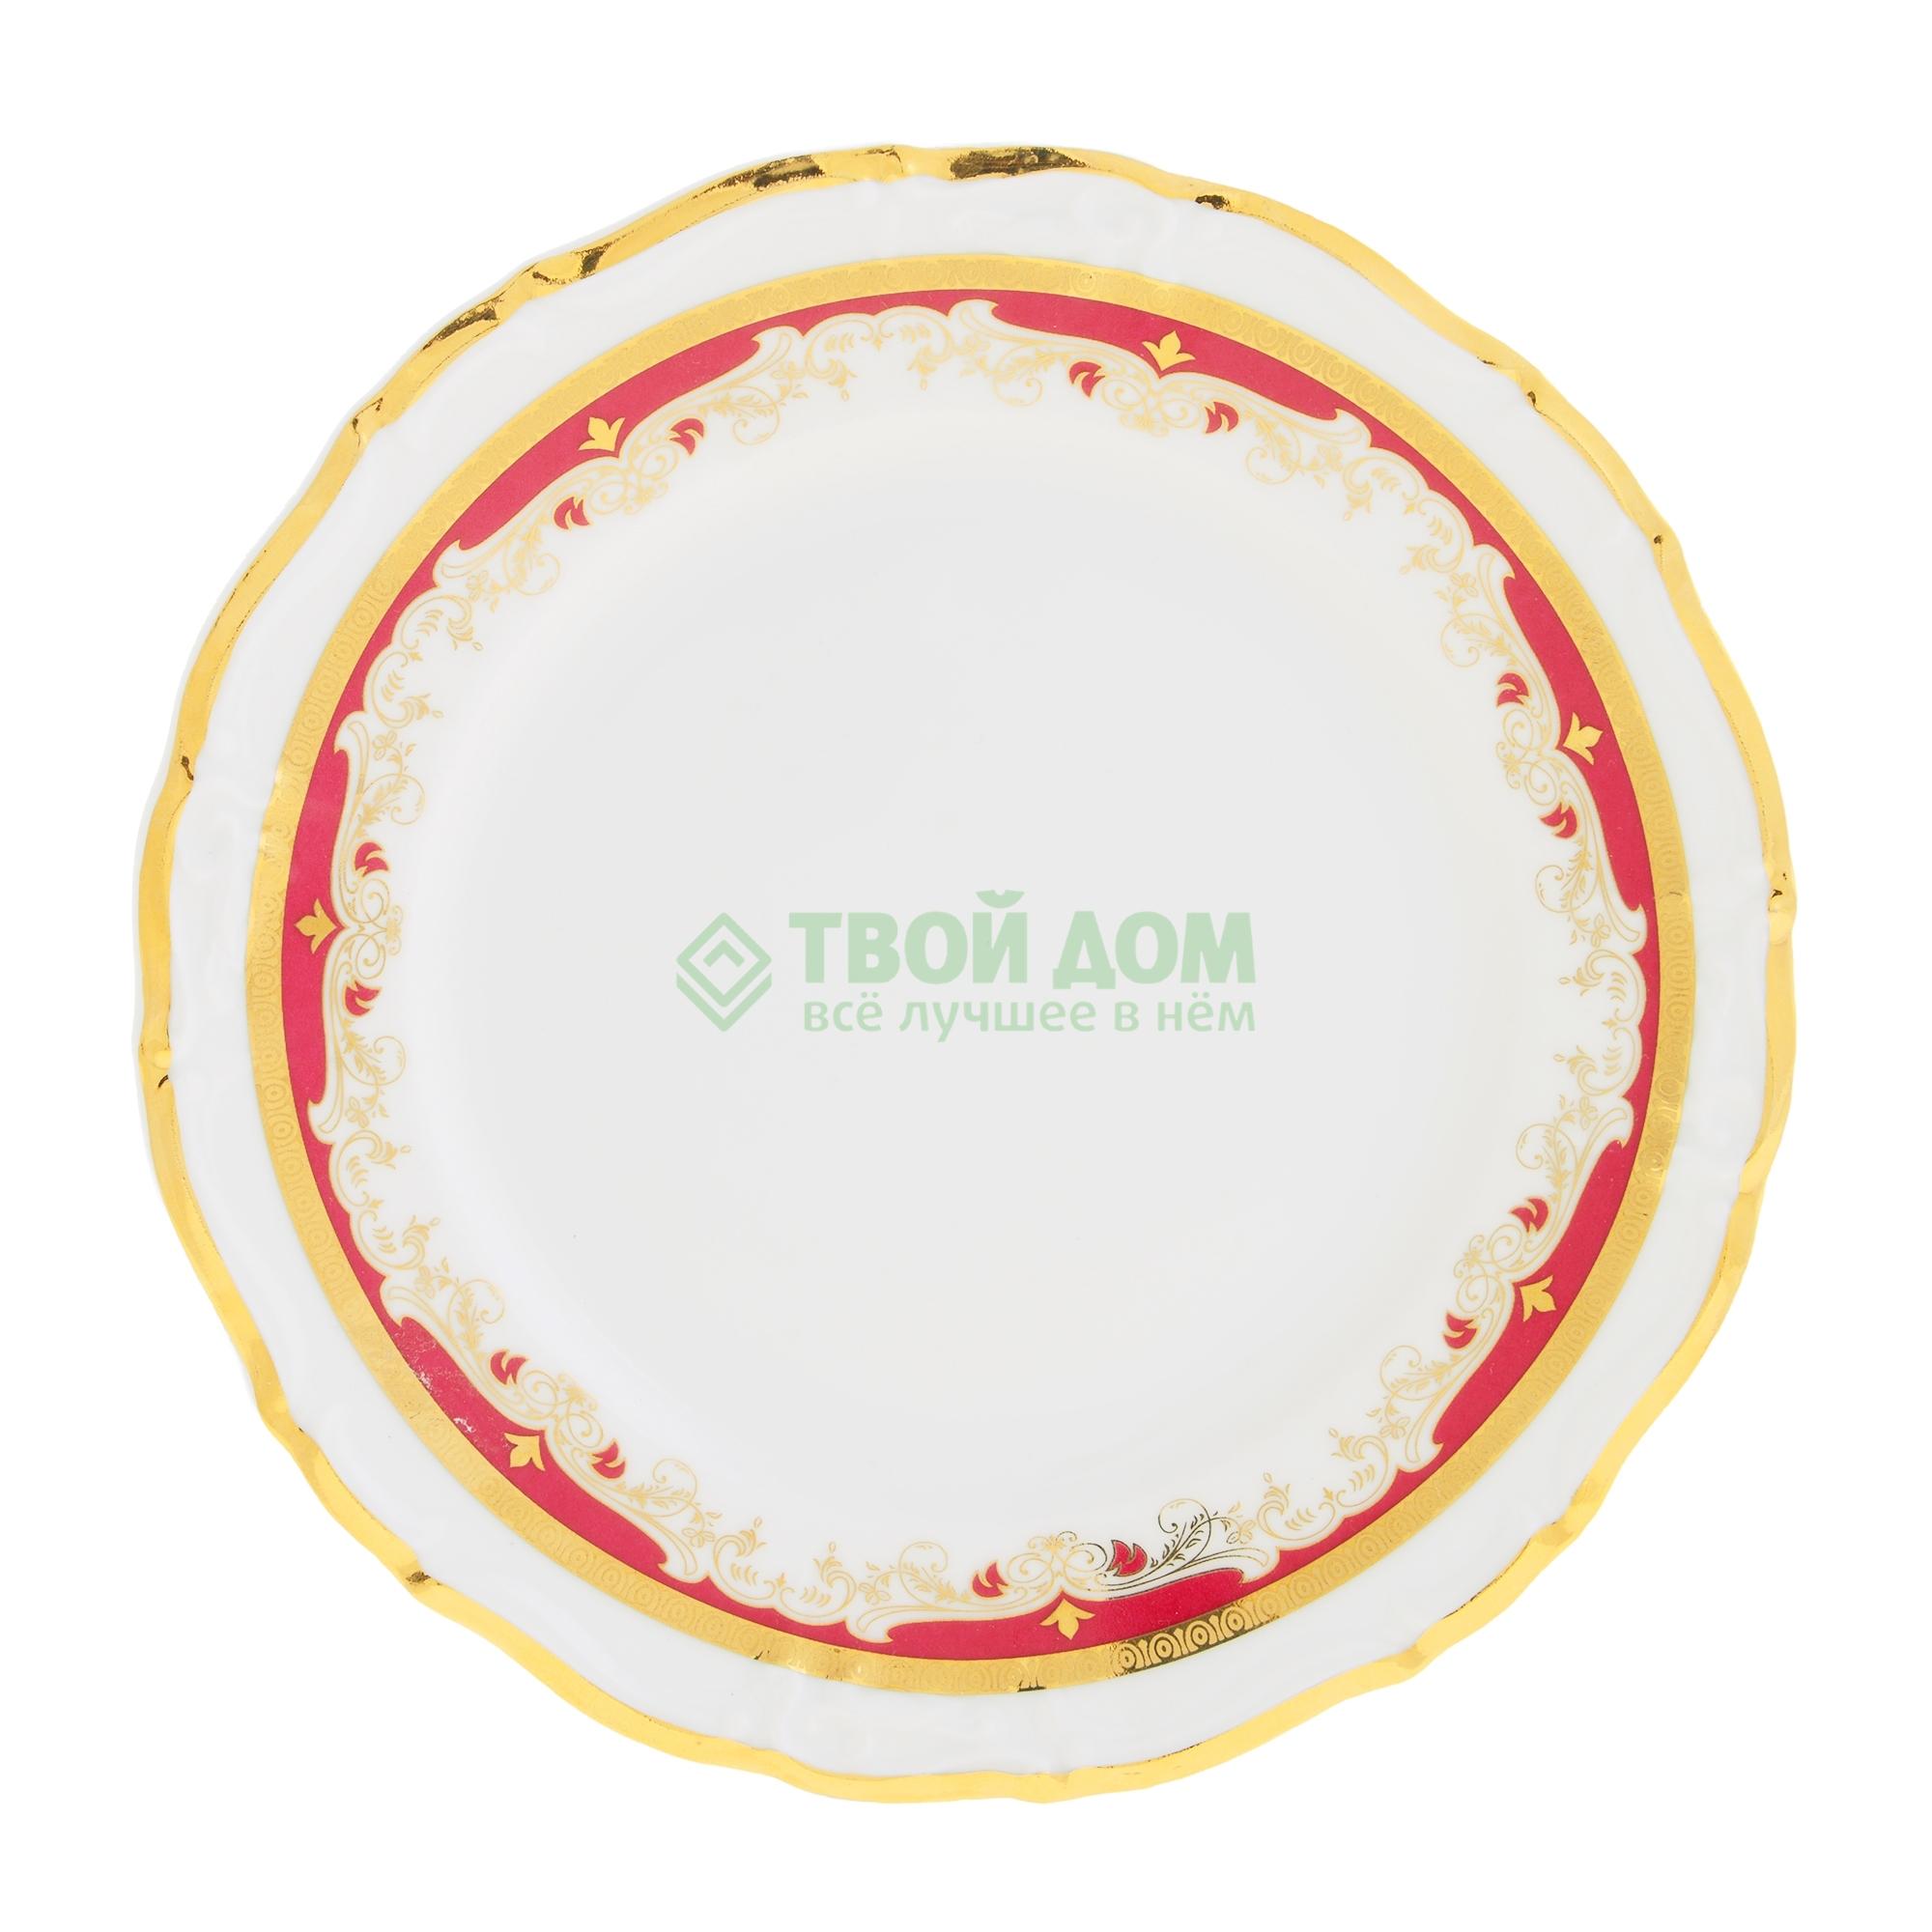 Фото - Тарелка десертная Thun Мария Луиза 19 см салатник thun мария луиза 16 см